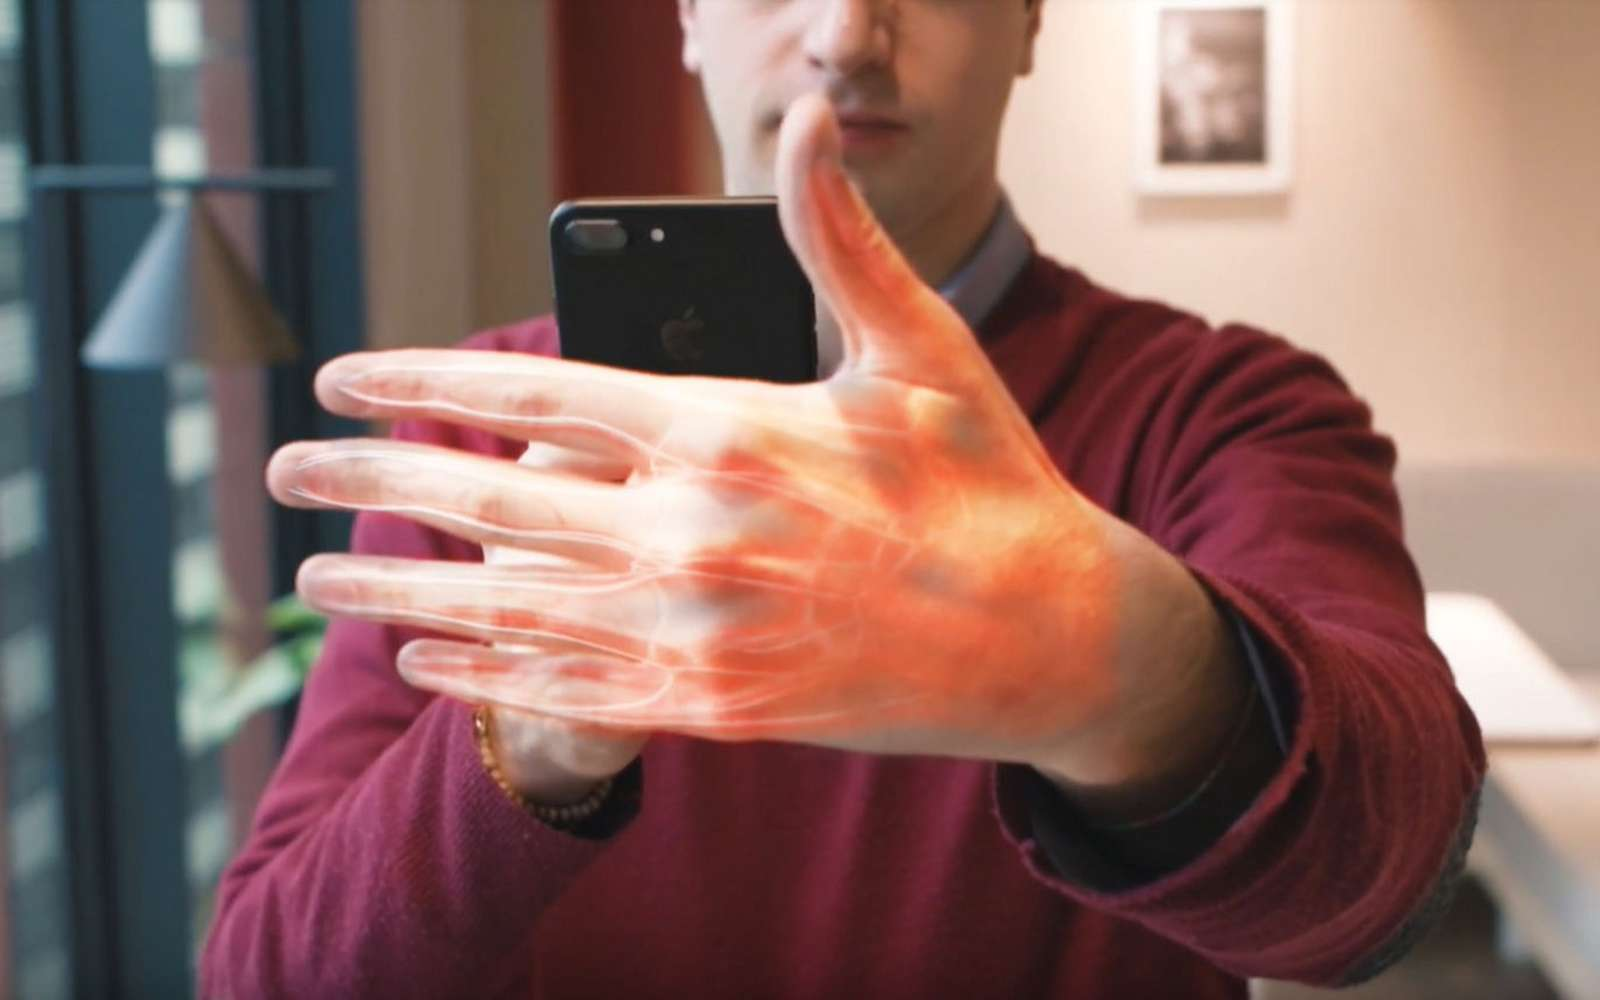 Biométrie : le scan des veines de vos mains va remplacer le mot de passe